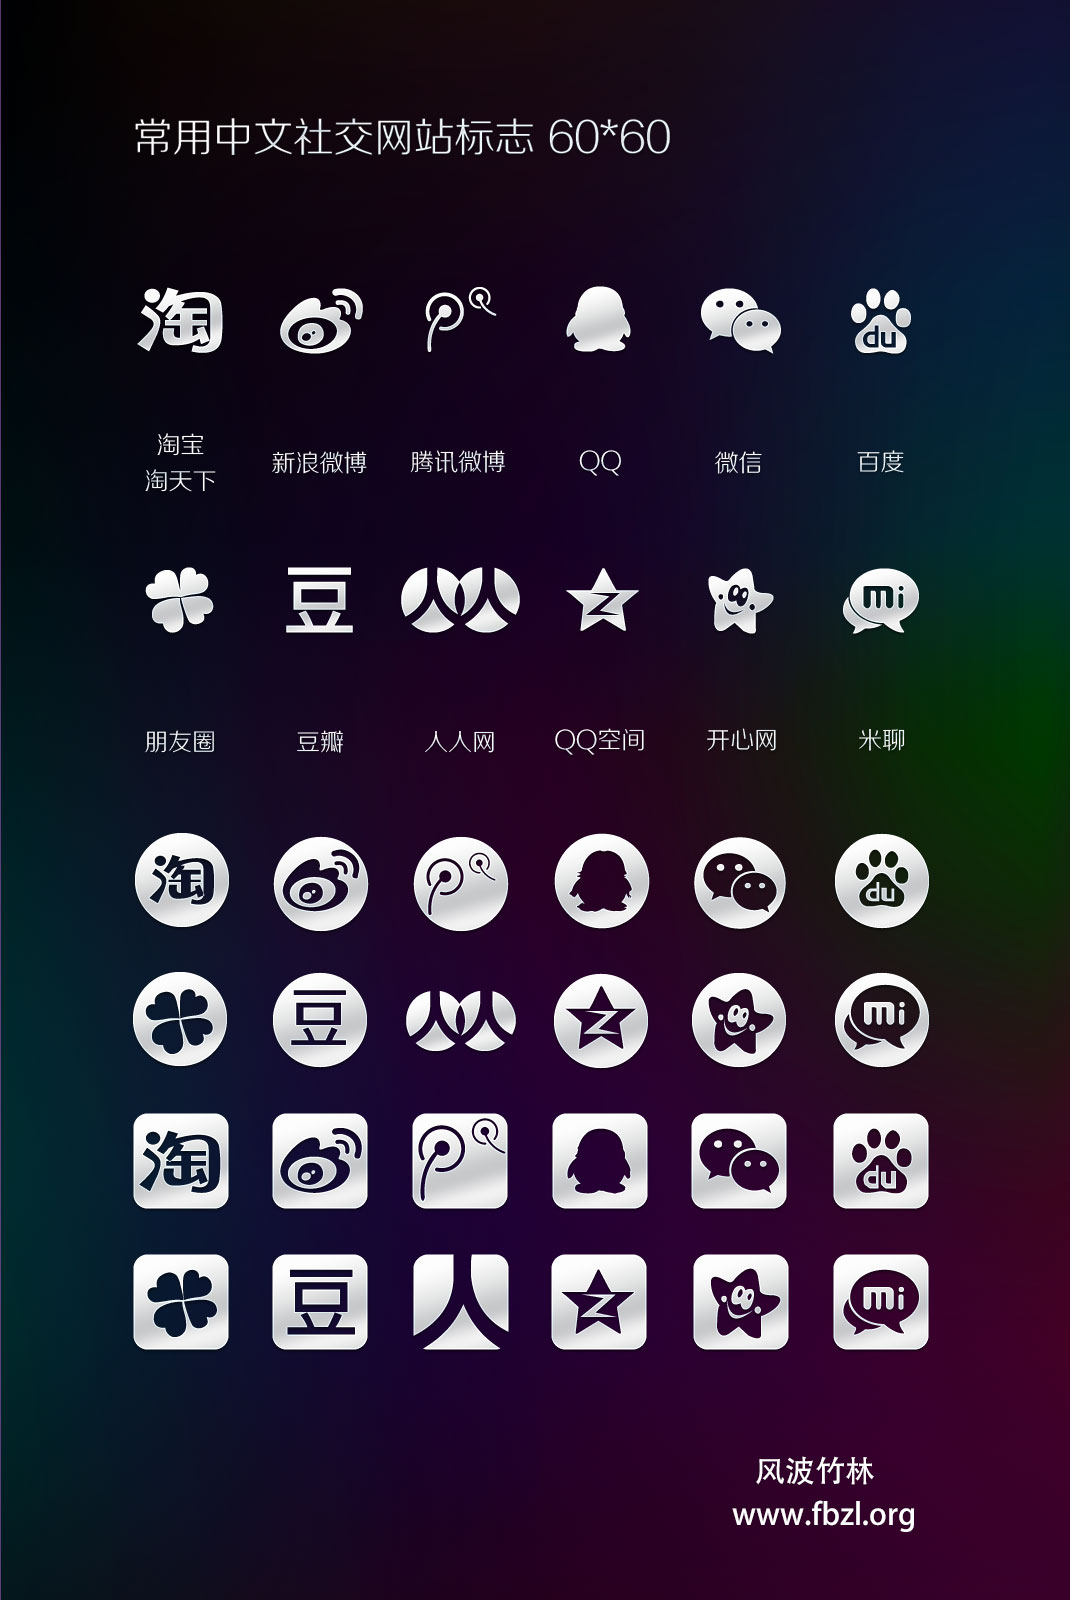 国内知名中文社交网站图标psd汇总